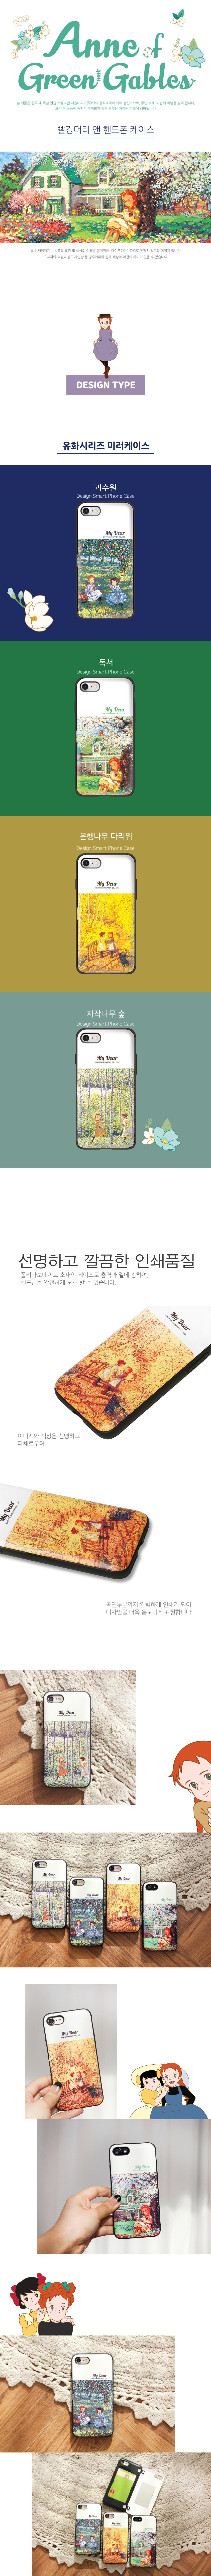 (갤럭시 노트9 노트8 노트5 노트4 노트3) 빨강머리앤 미러카드범퍼(13디자인) - 메이드웰케이스, 25,000원, 케이스, 갤럭시 노트9